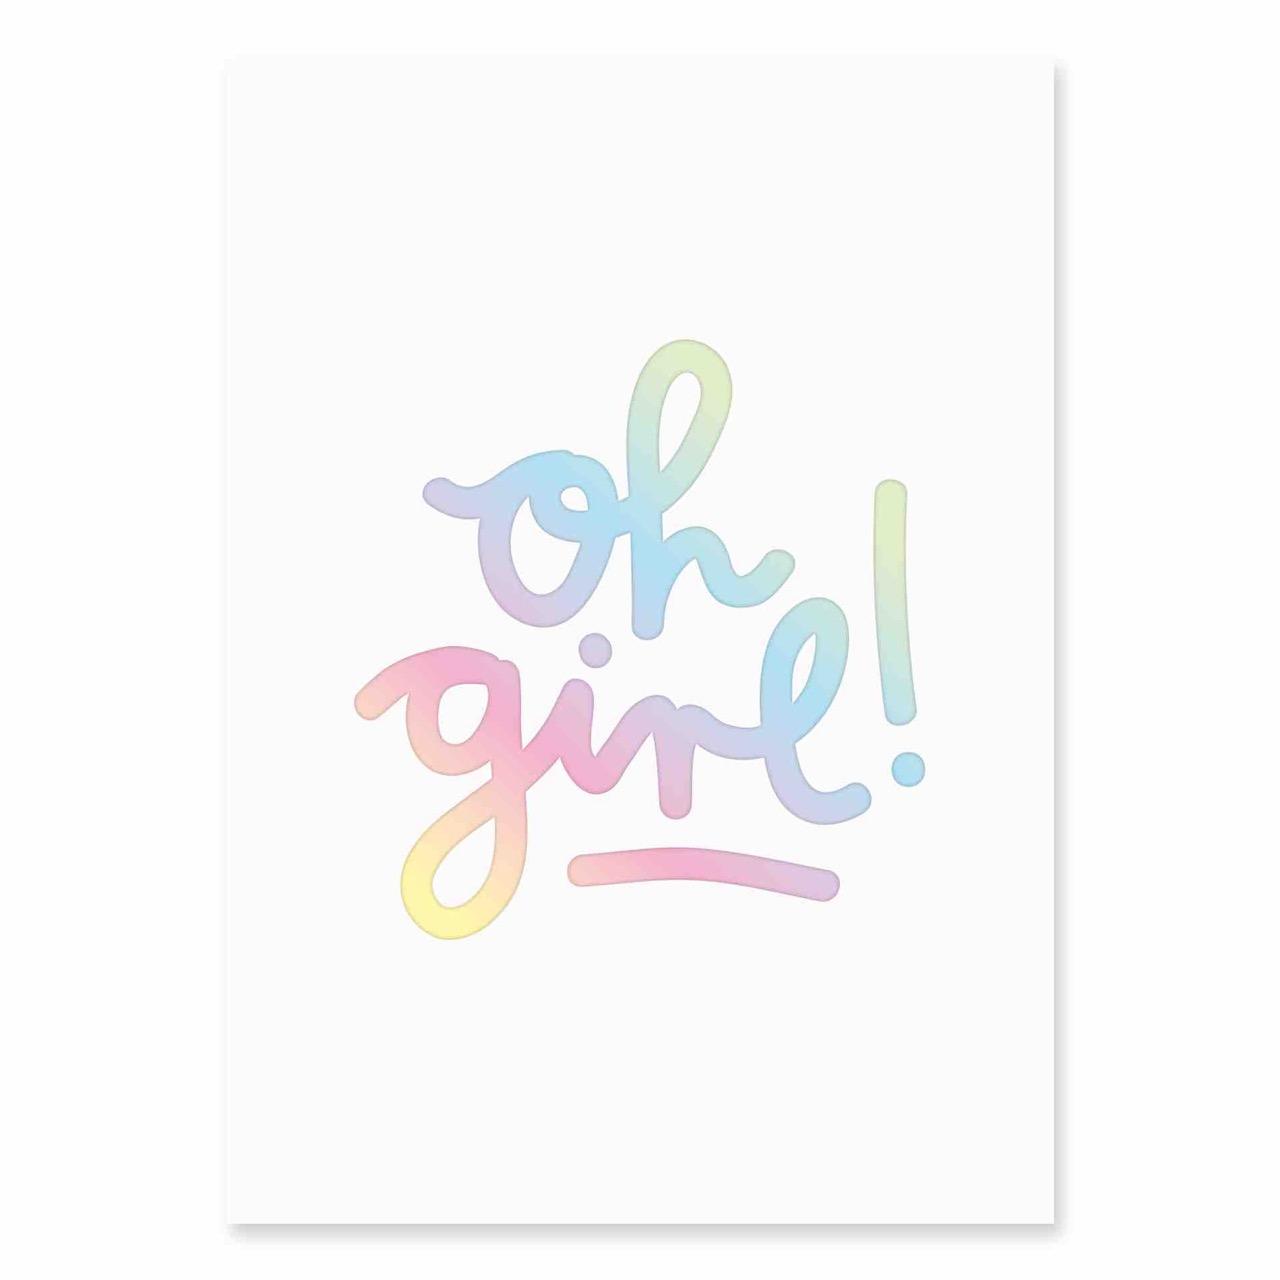 navucko-postkarte-oh-girl